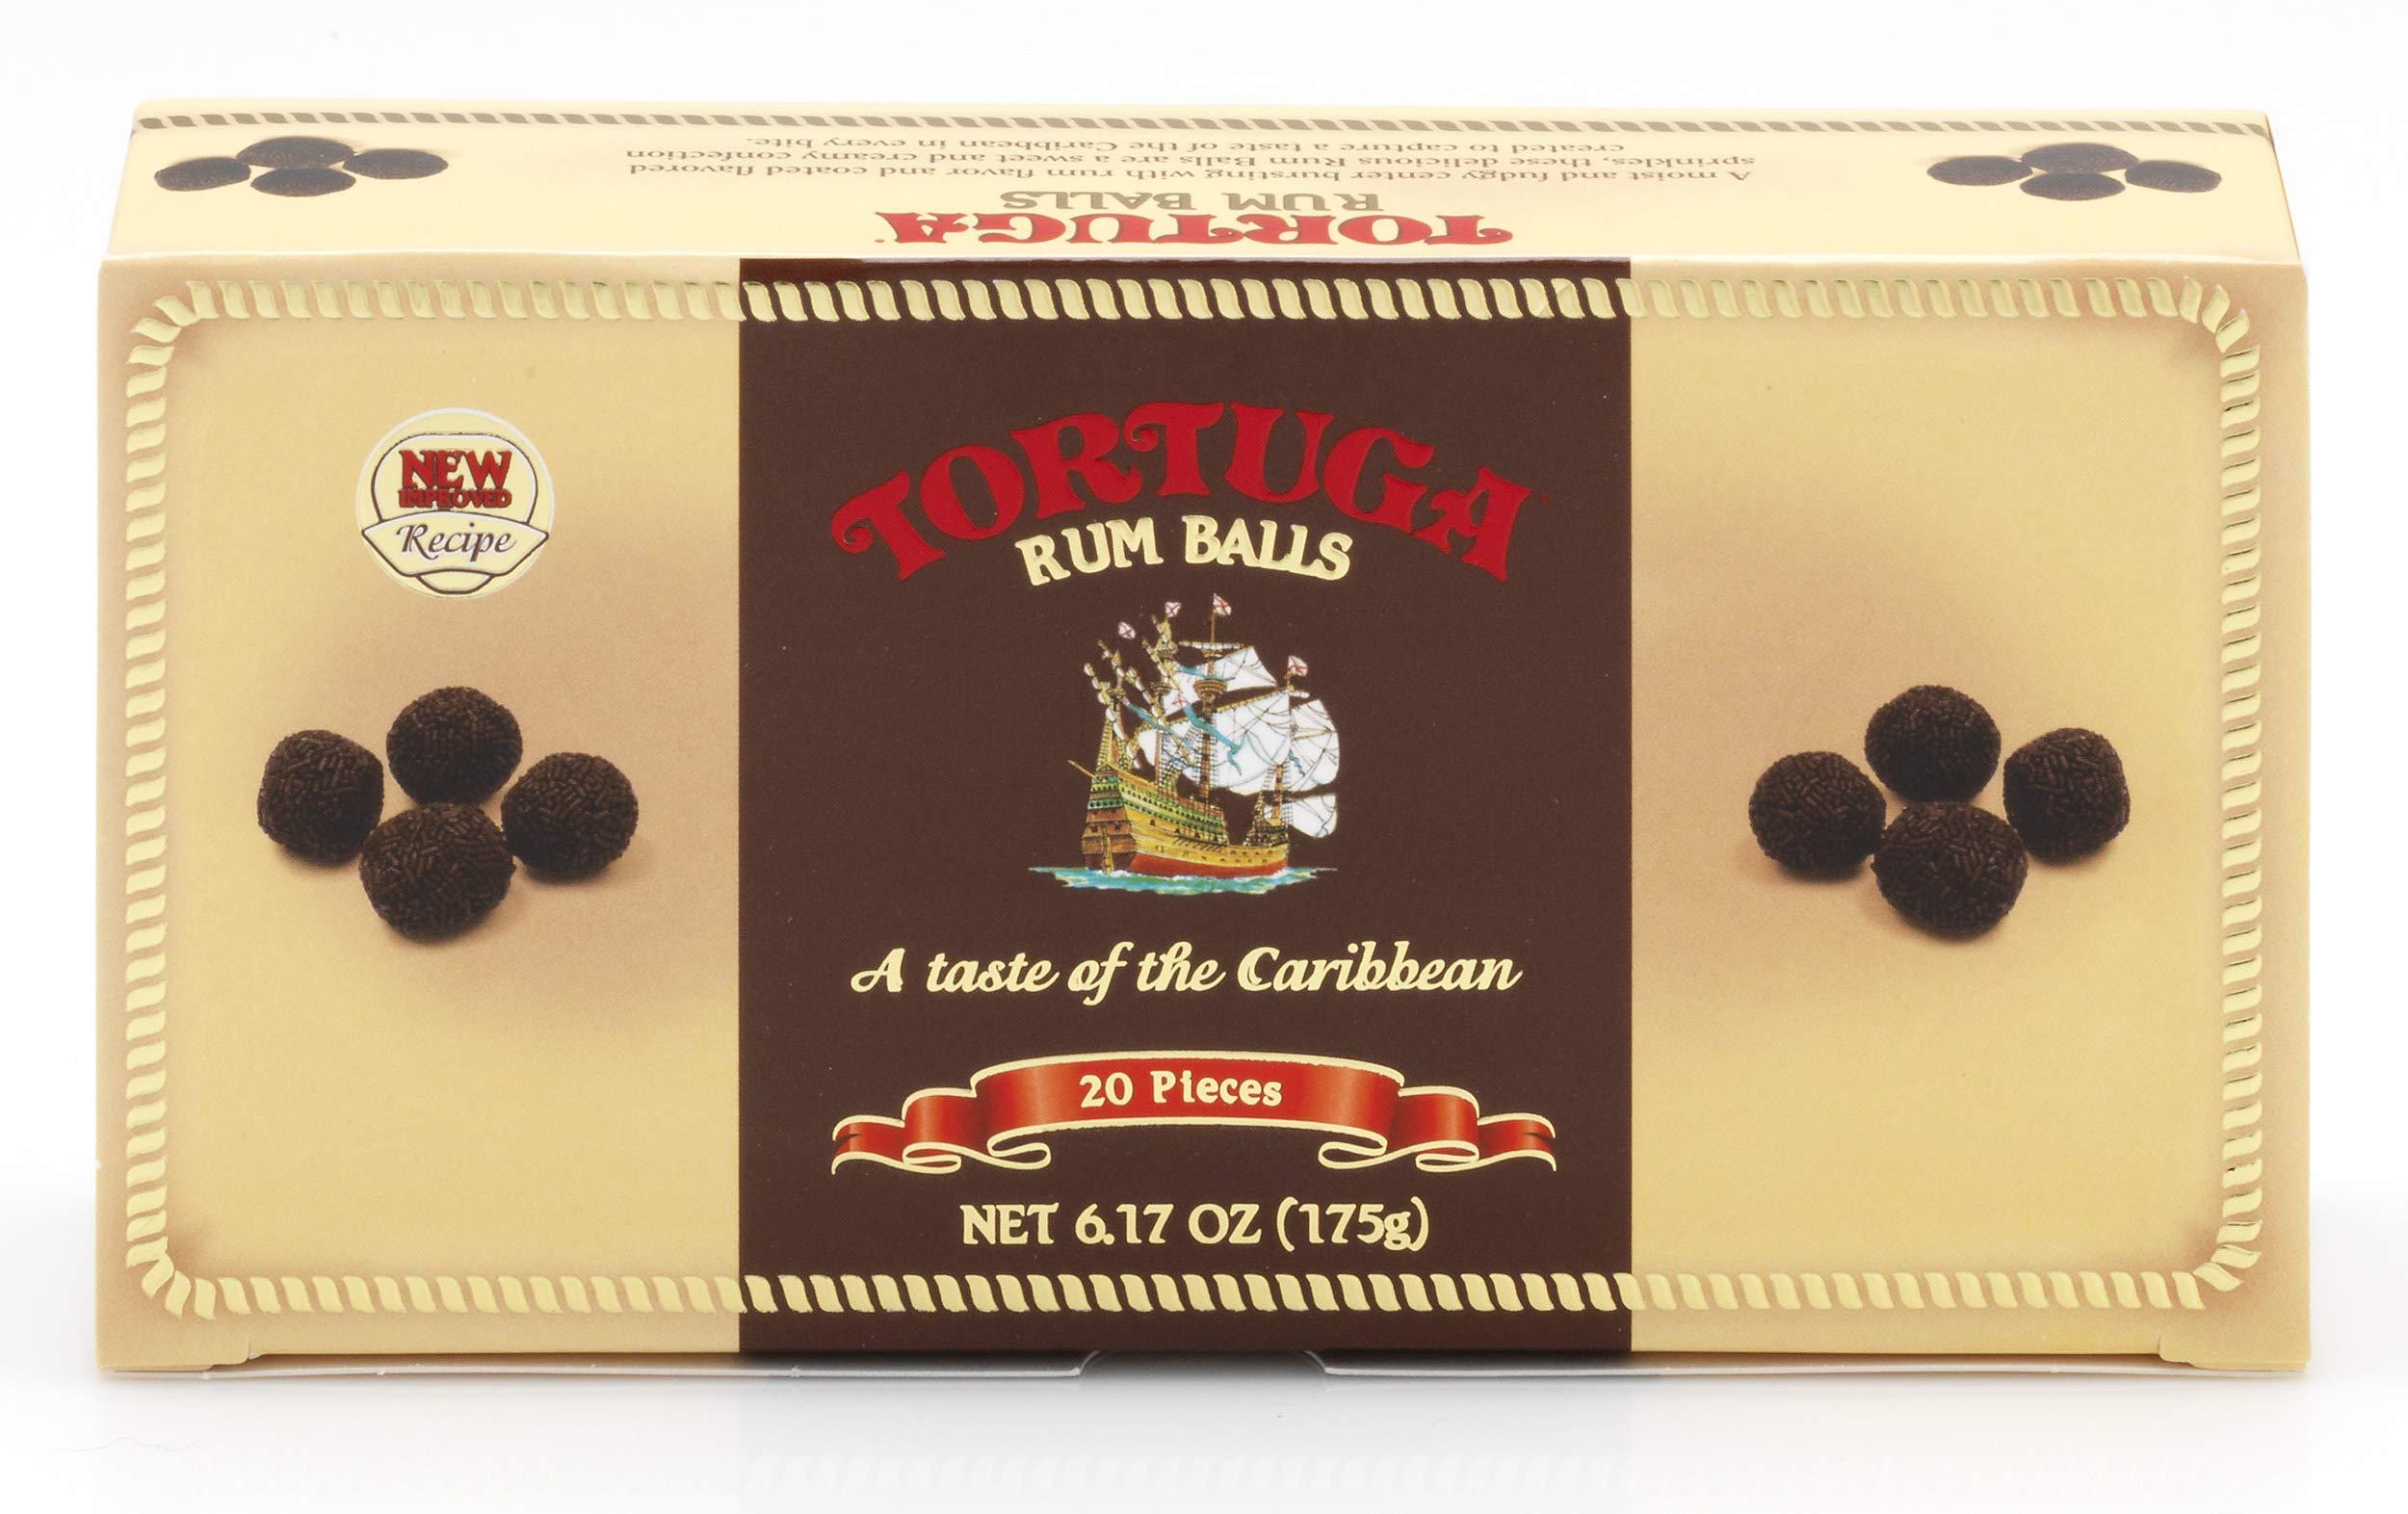 TORTUGA Gourmet Rum Balls - The Perfect Premium Gourmet Gift by TORTUGA